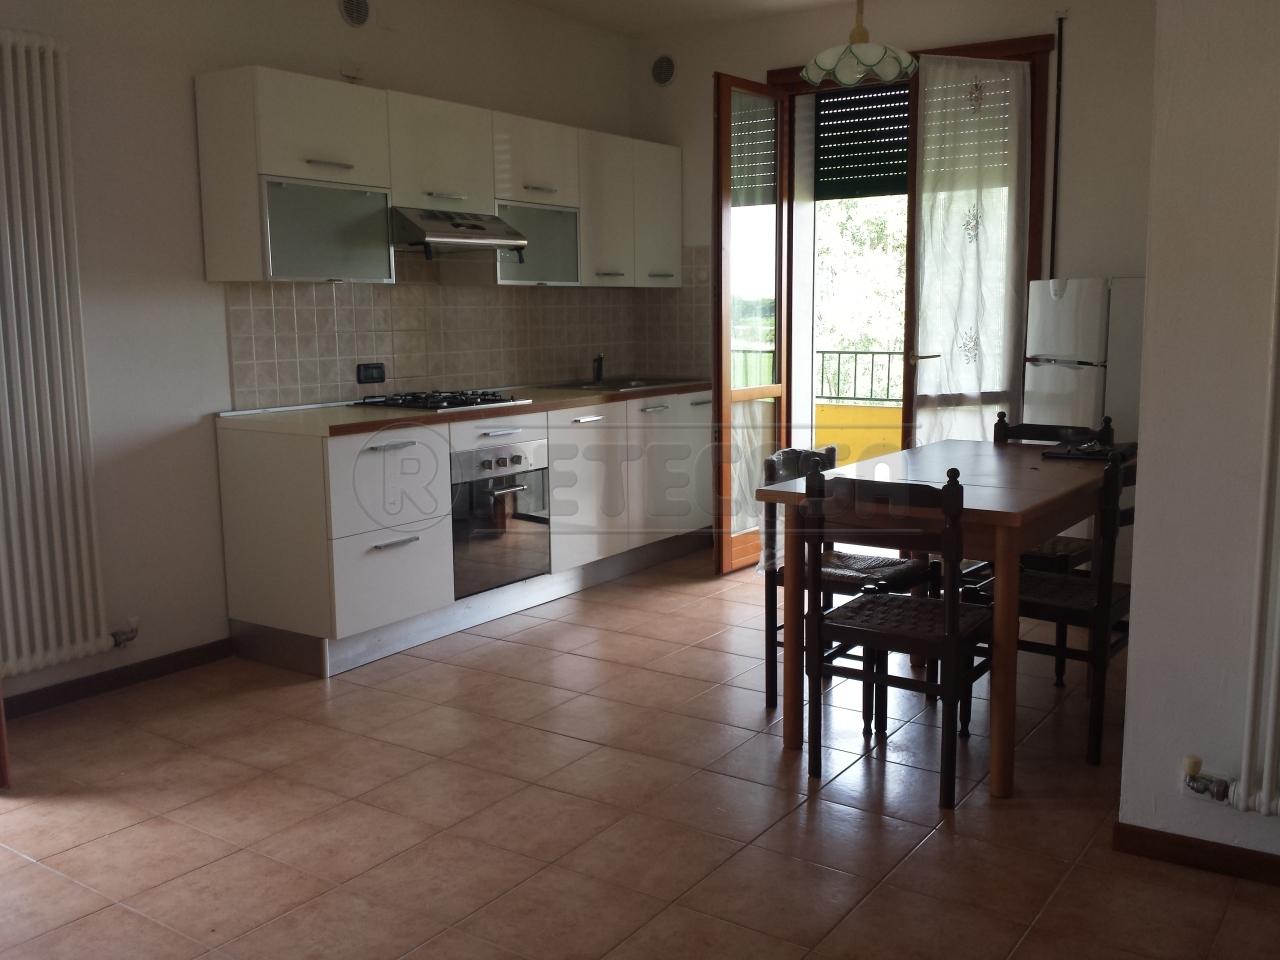 Appartamento in vendita a Grumolo delle Abbadesse, 3 locali, prezzo € 78.000 | PortaleAgenzieImmobiliari.it